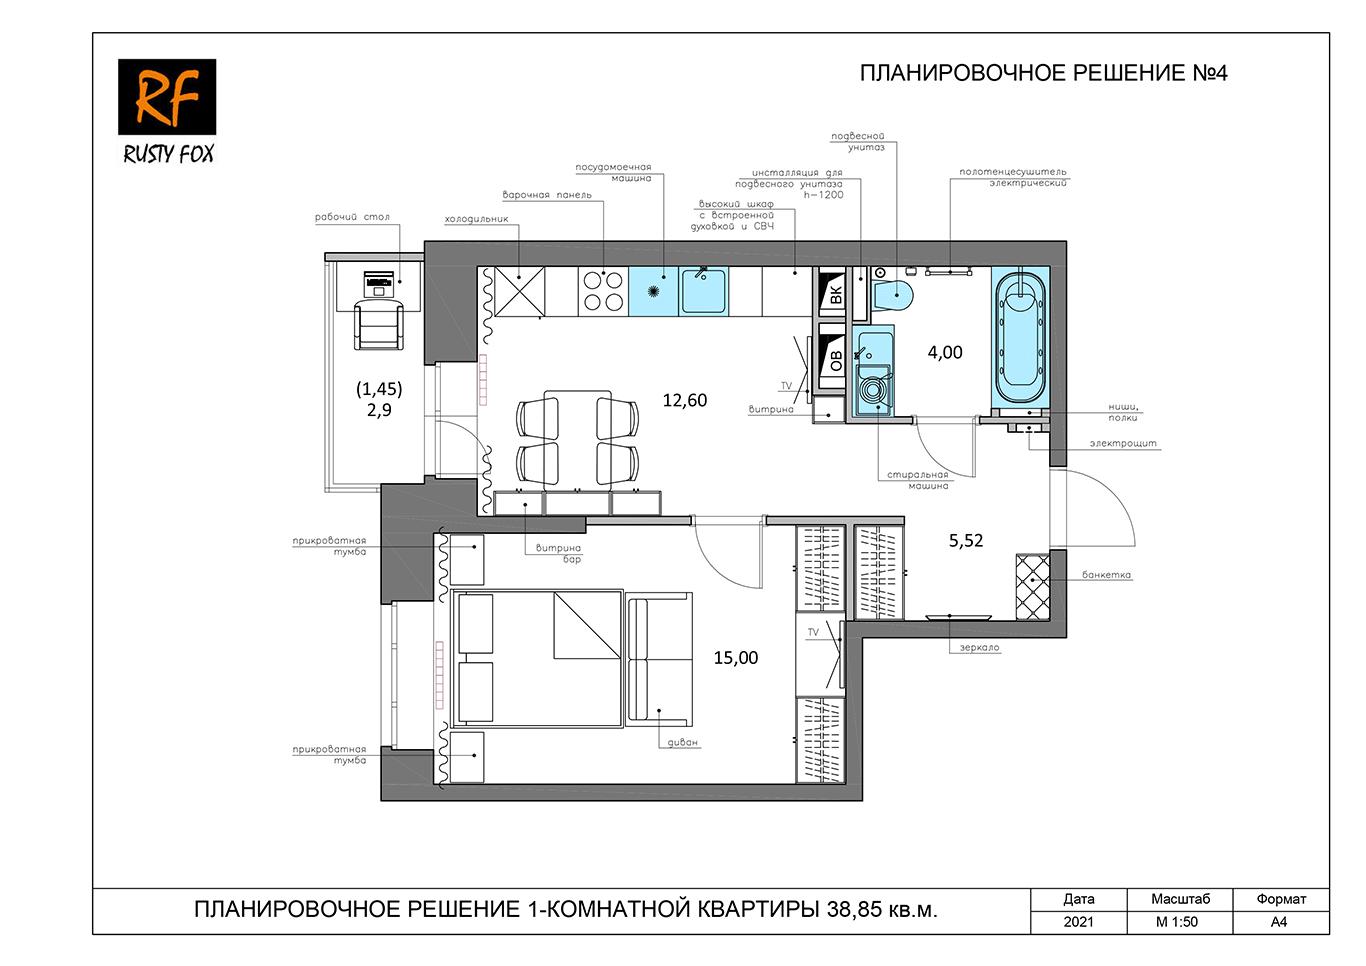 ЖК Люберцы корпус 54. 1-комнатная квартира левая 38,85 кв.м. Планировочное решение №4